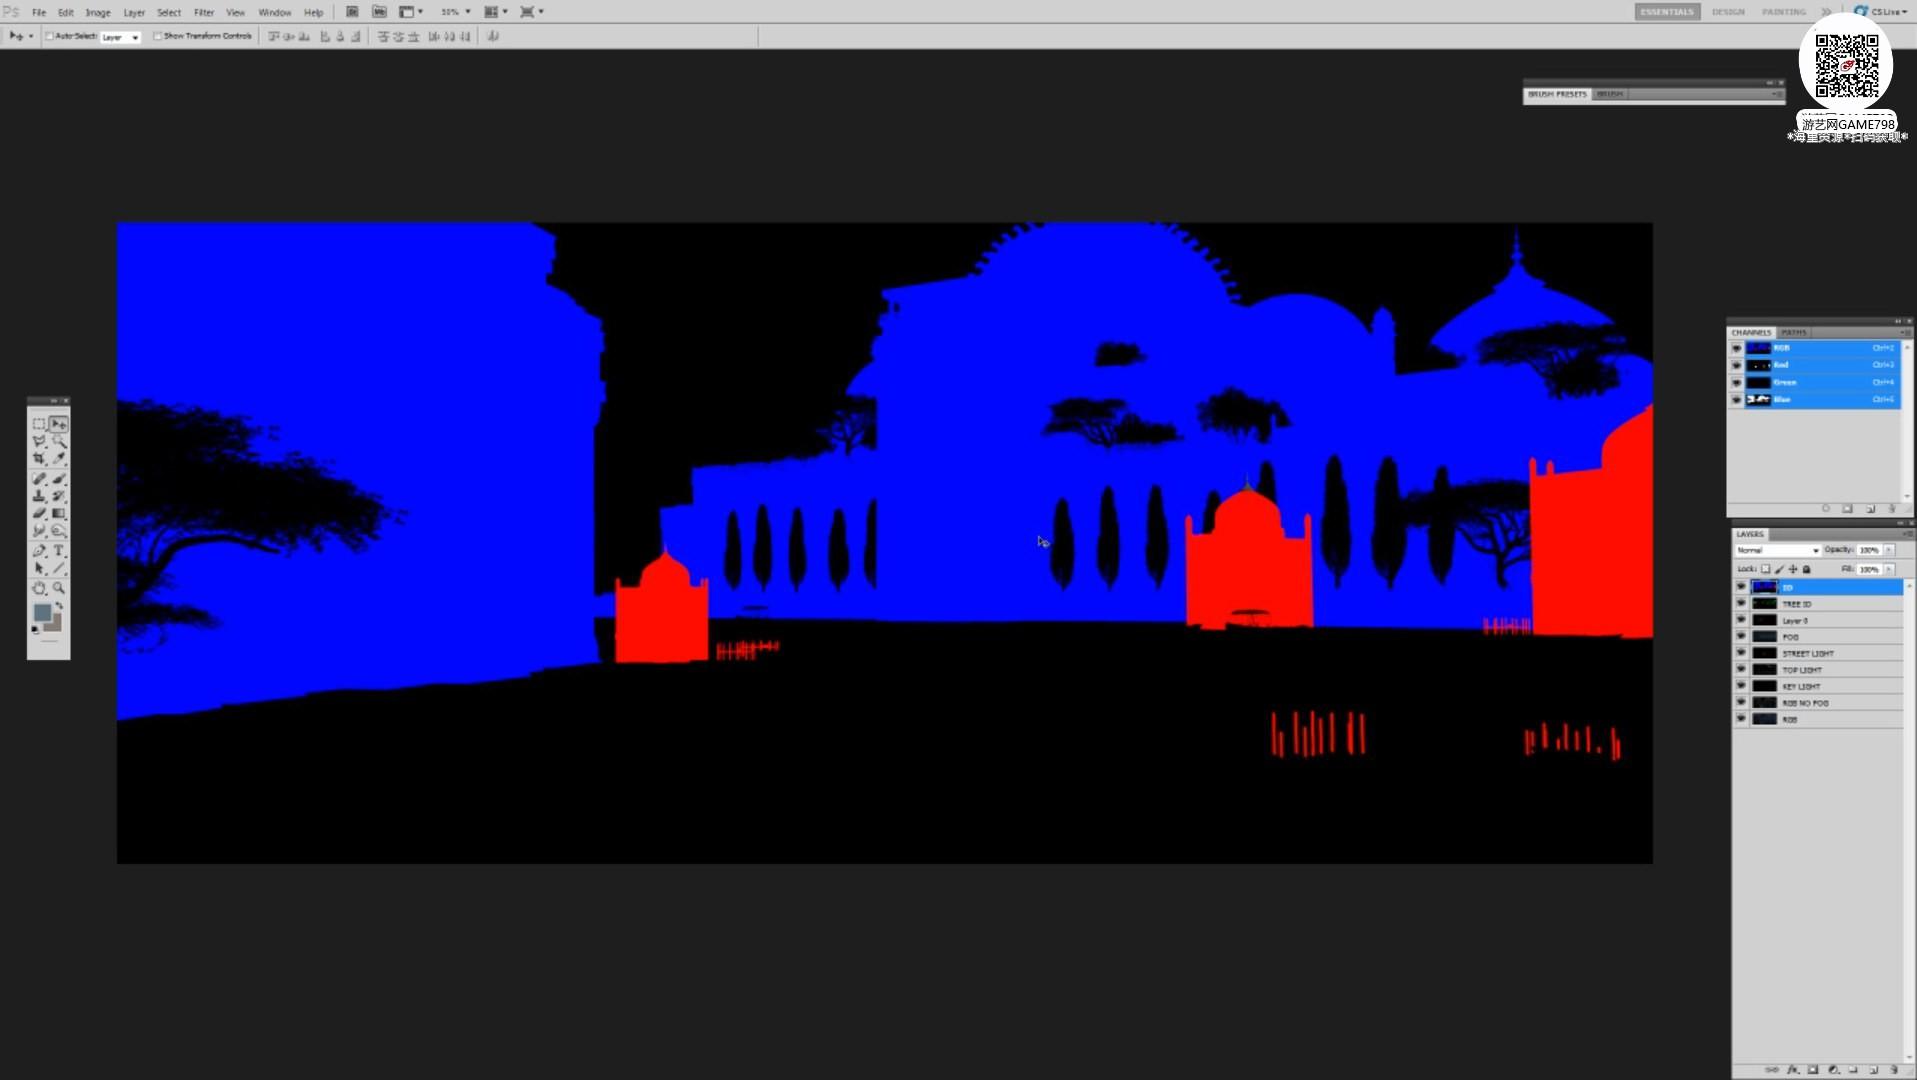 021_关注-游艺网GAME798海量资源下载【视频教程】超写实场景设定制作流程.jpg